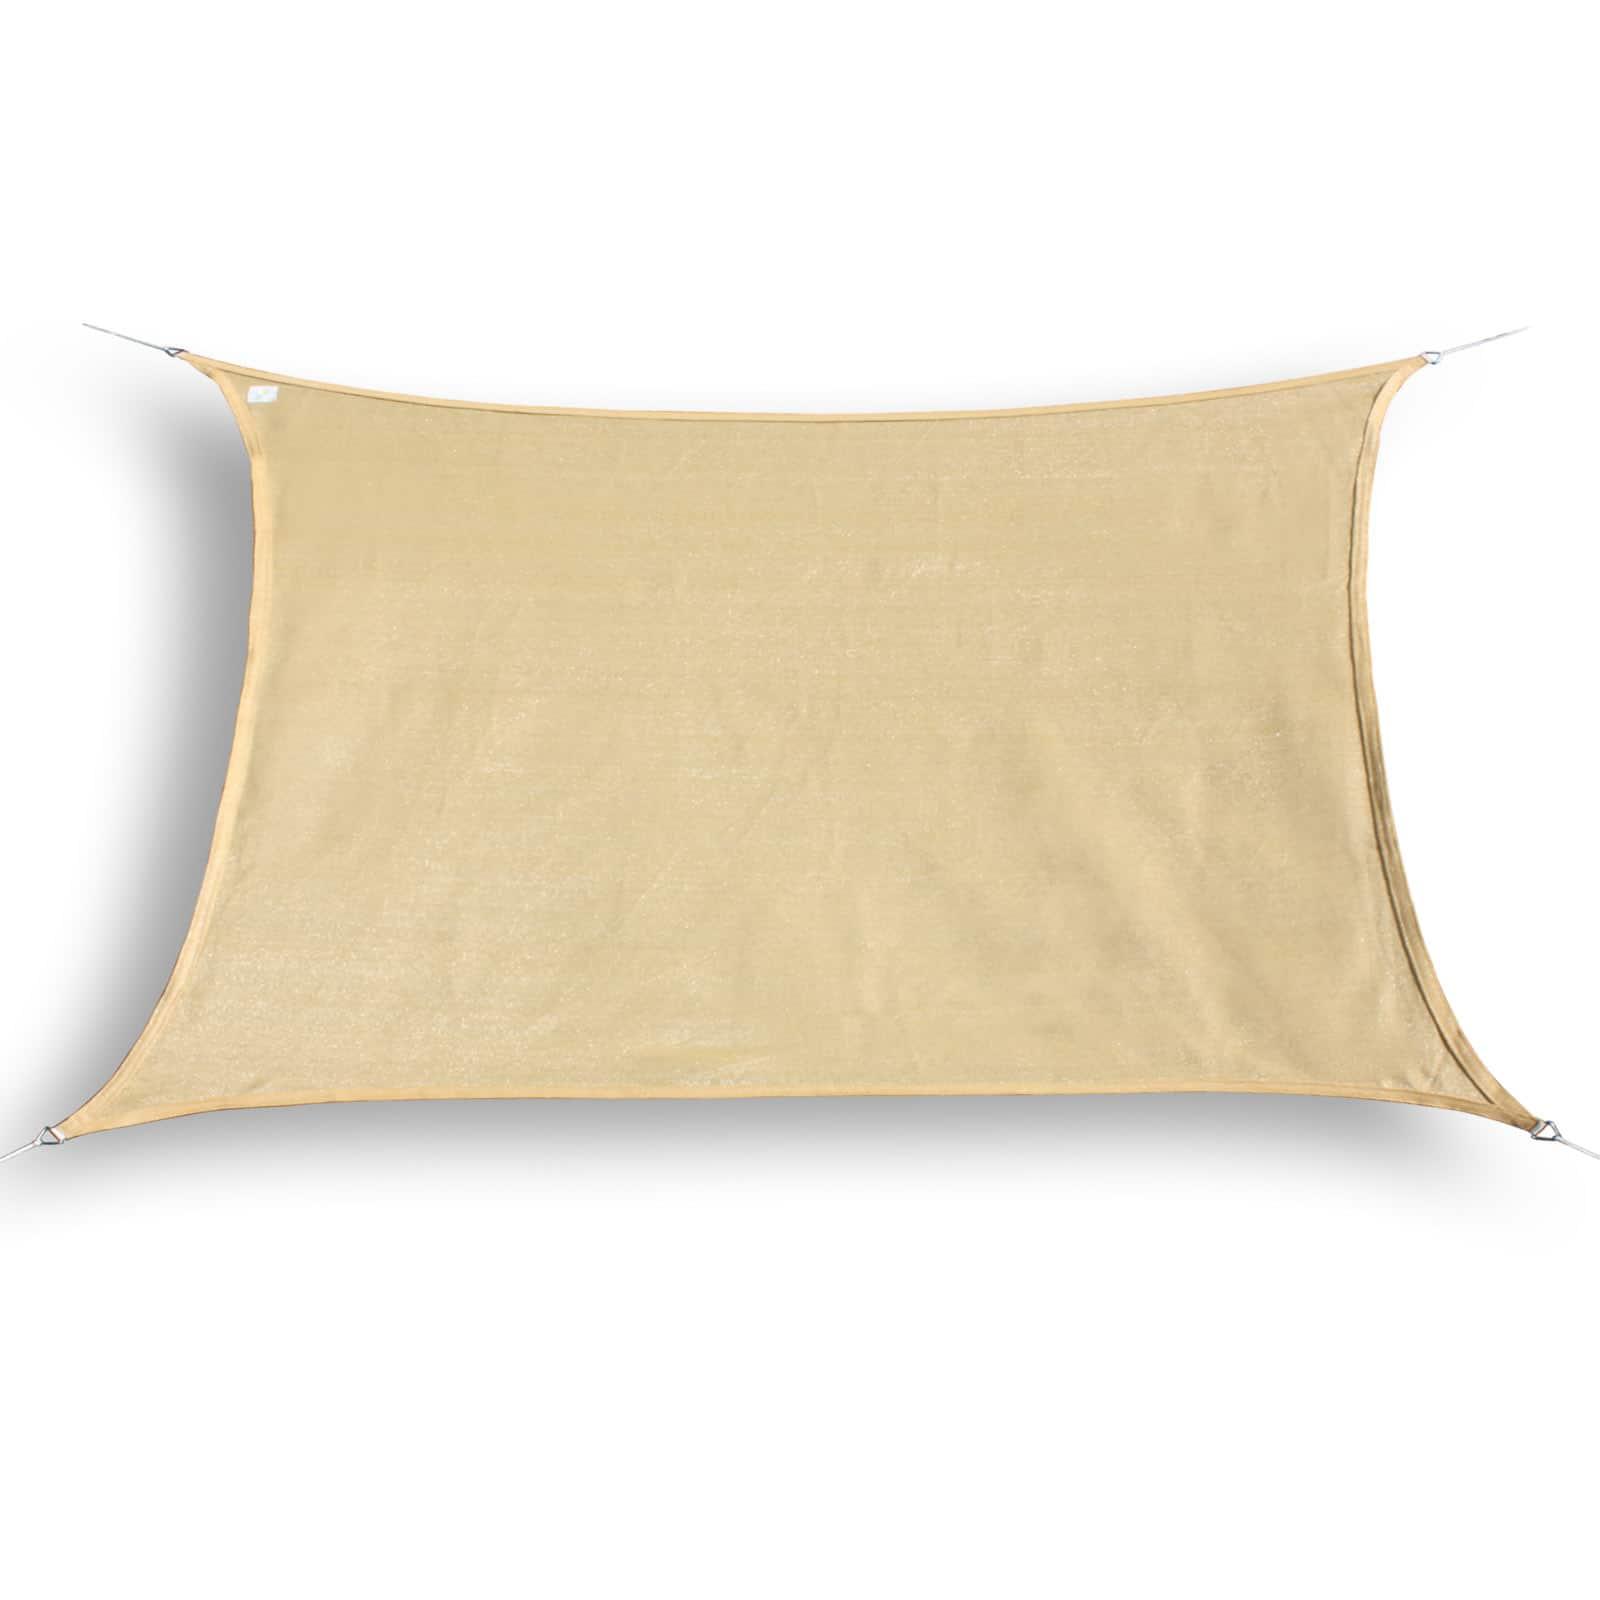 hanSe® Schaduwdoek Rechthoek Waterdoorlatend 2,5x4 m - zonnedoek Zand